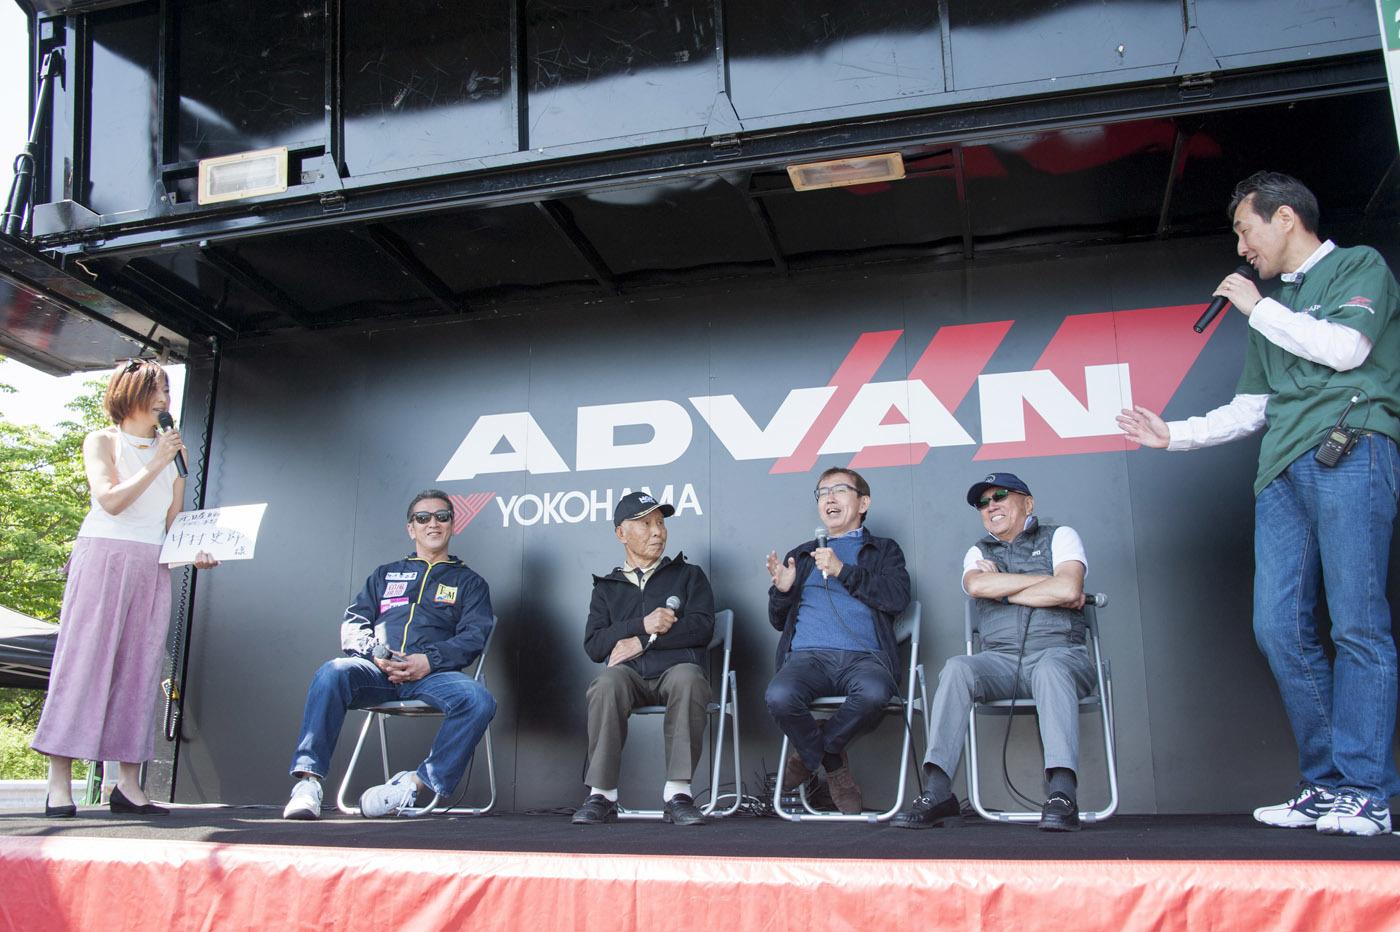 (写真右)柳田春人/元レーシングドライバー「Zの柳田」・セントラル20代表、(右から二番目)中村史郎、(左から二番目)久保靖夫/チューナー、スピードショップクボ代表、(写真左) 桑島正美/元レーシングドライバー「黒い稲妻」